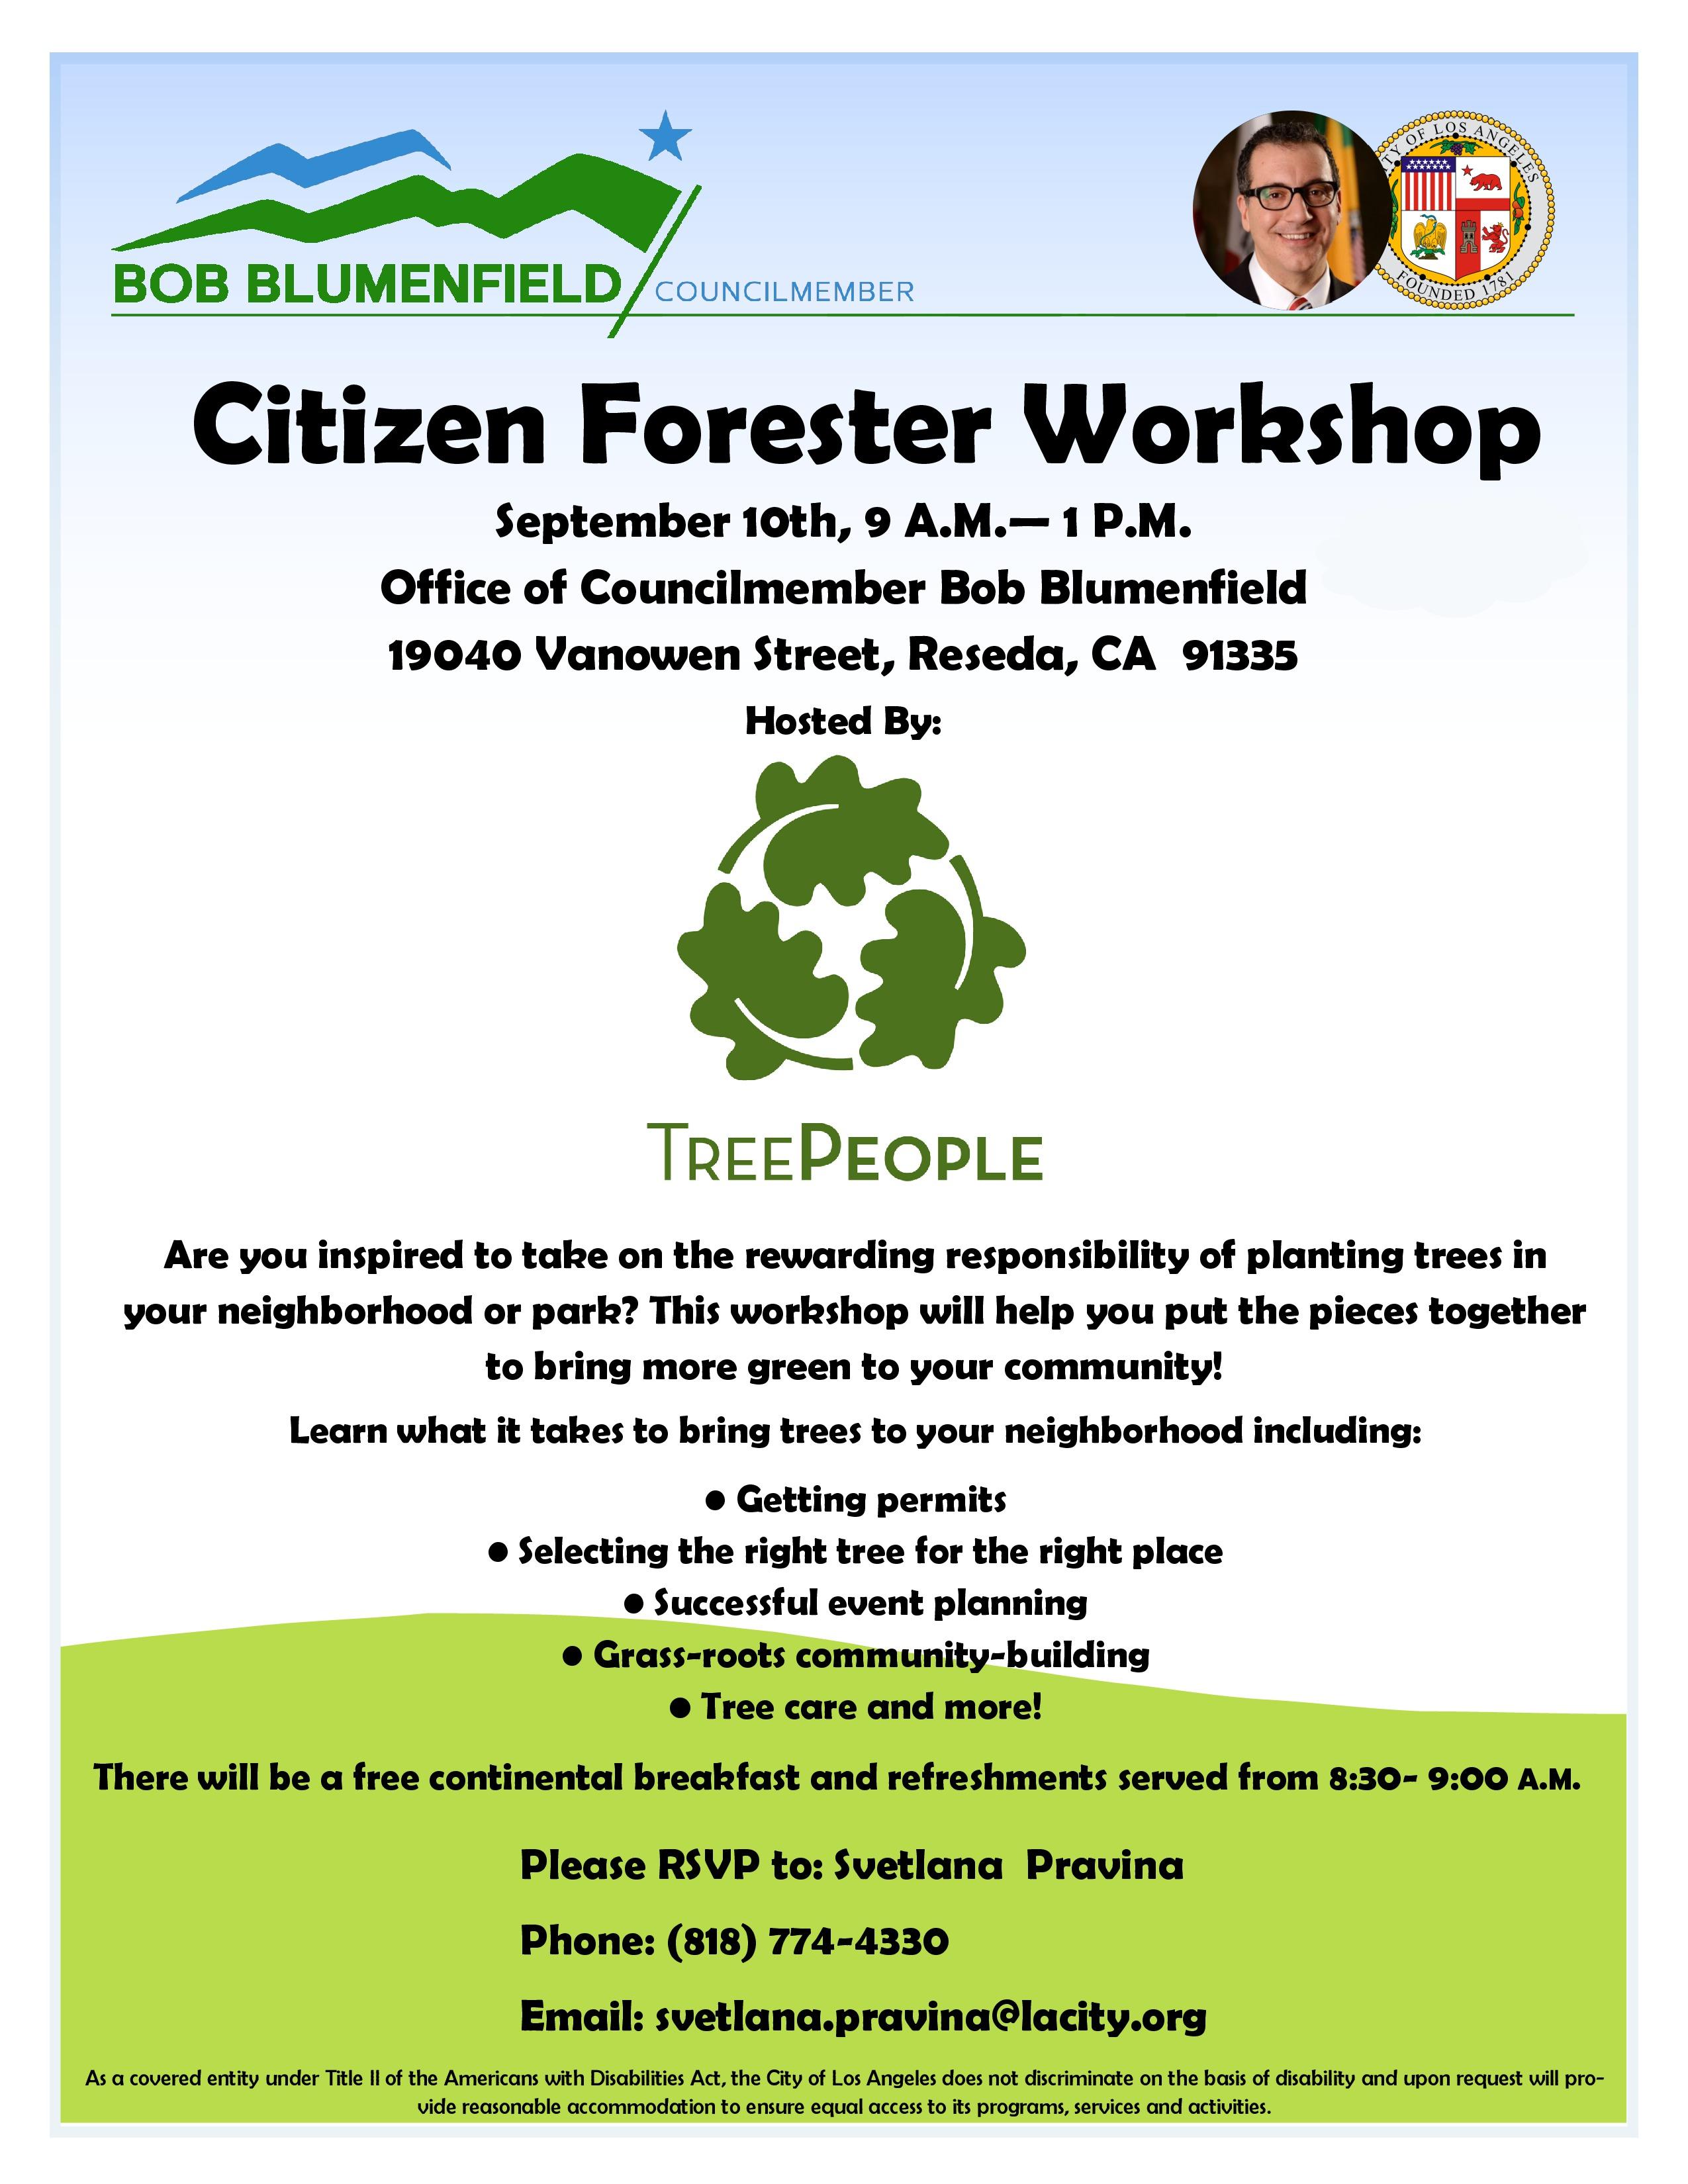 Tree_People_Workshop_Flyer-page-0.jpg